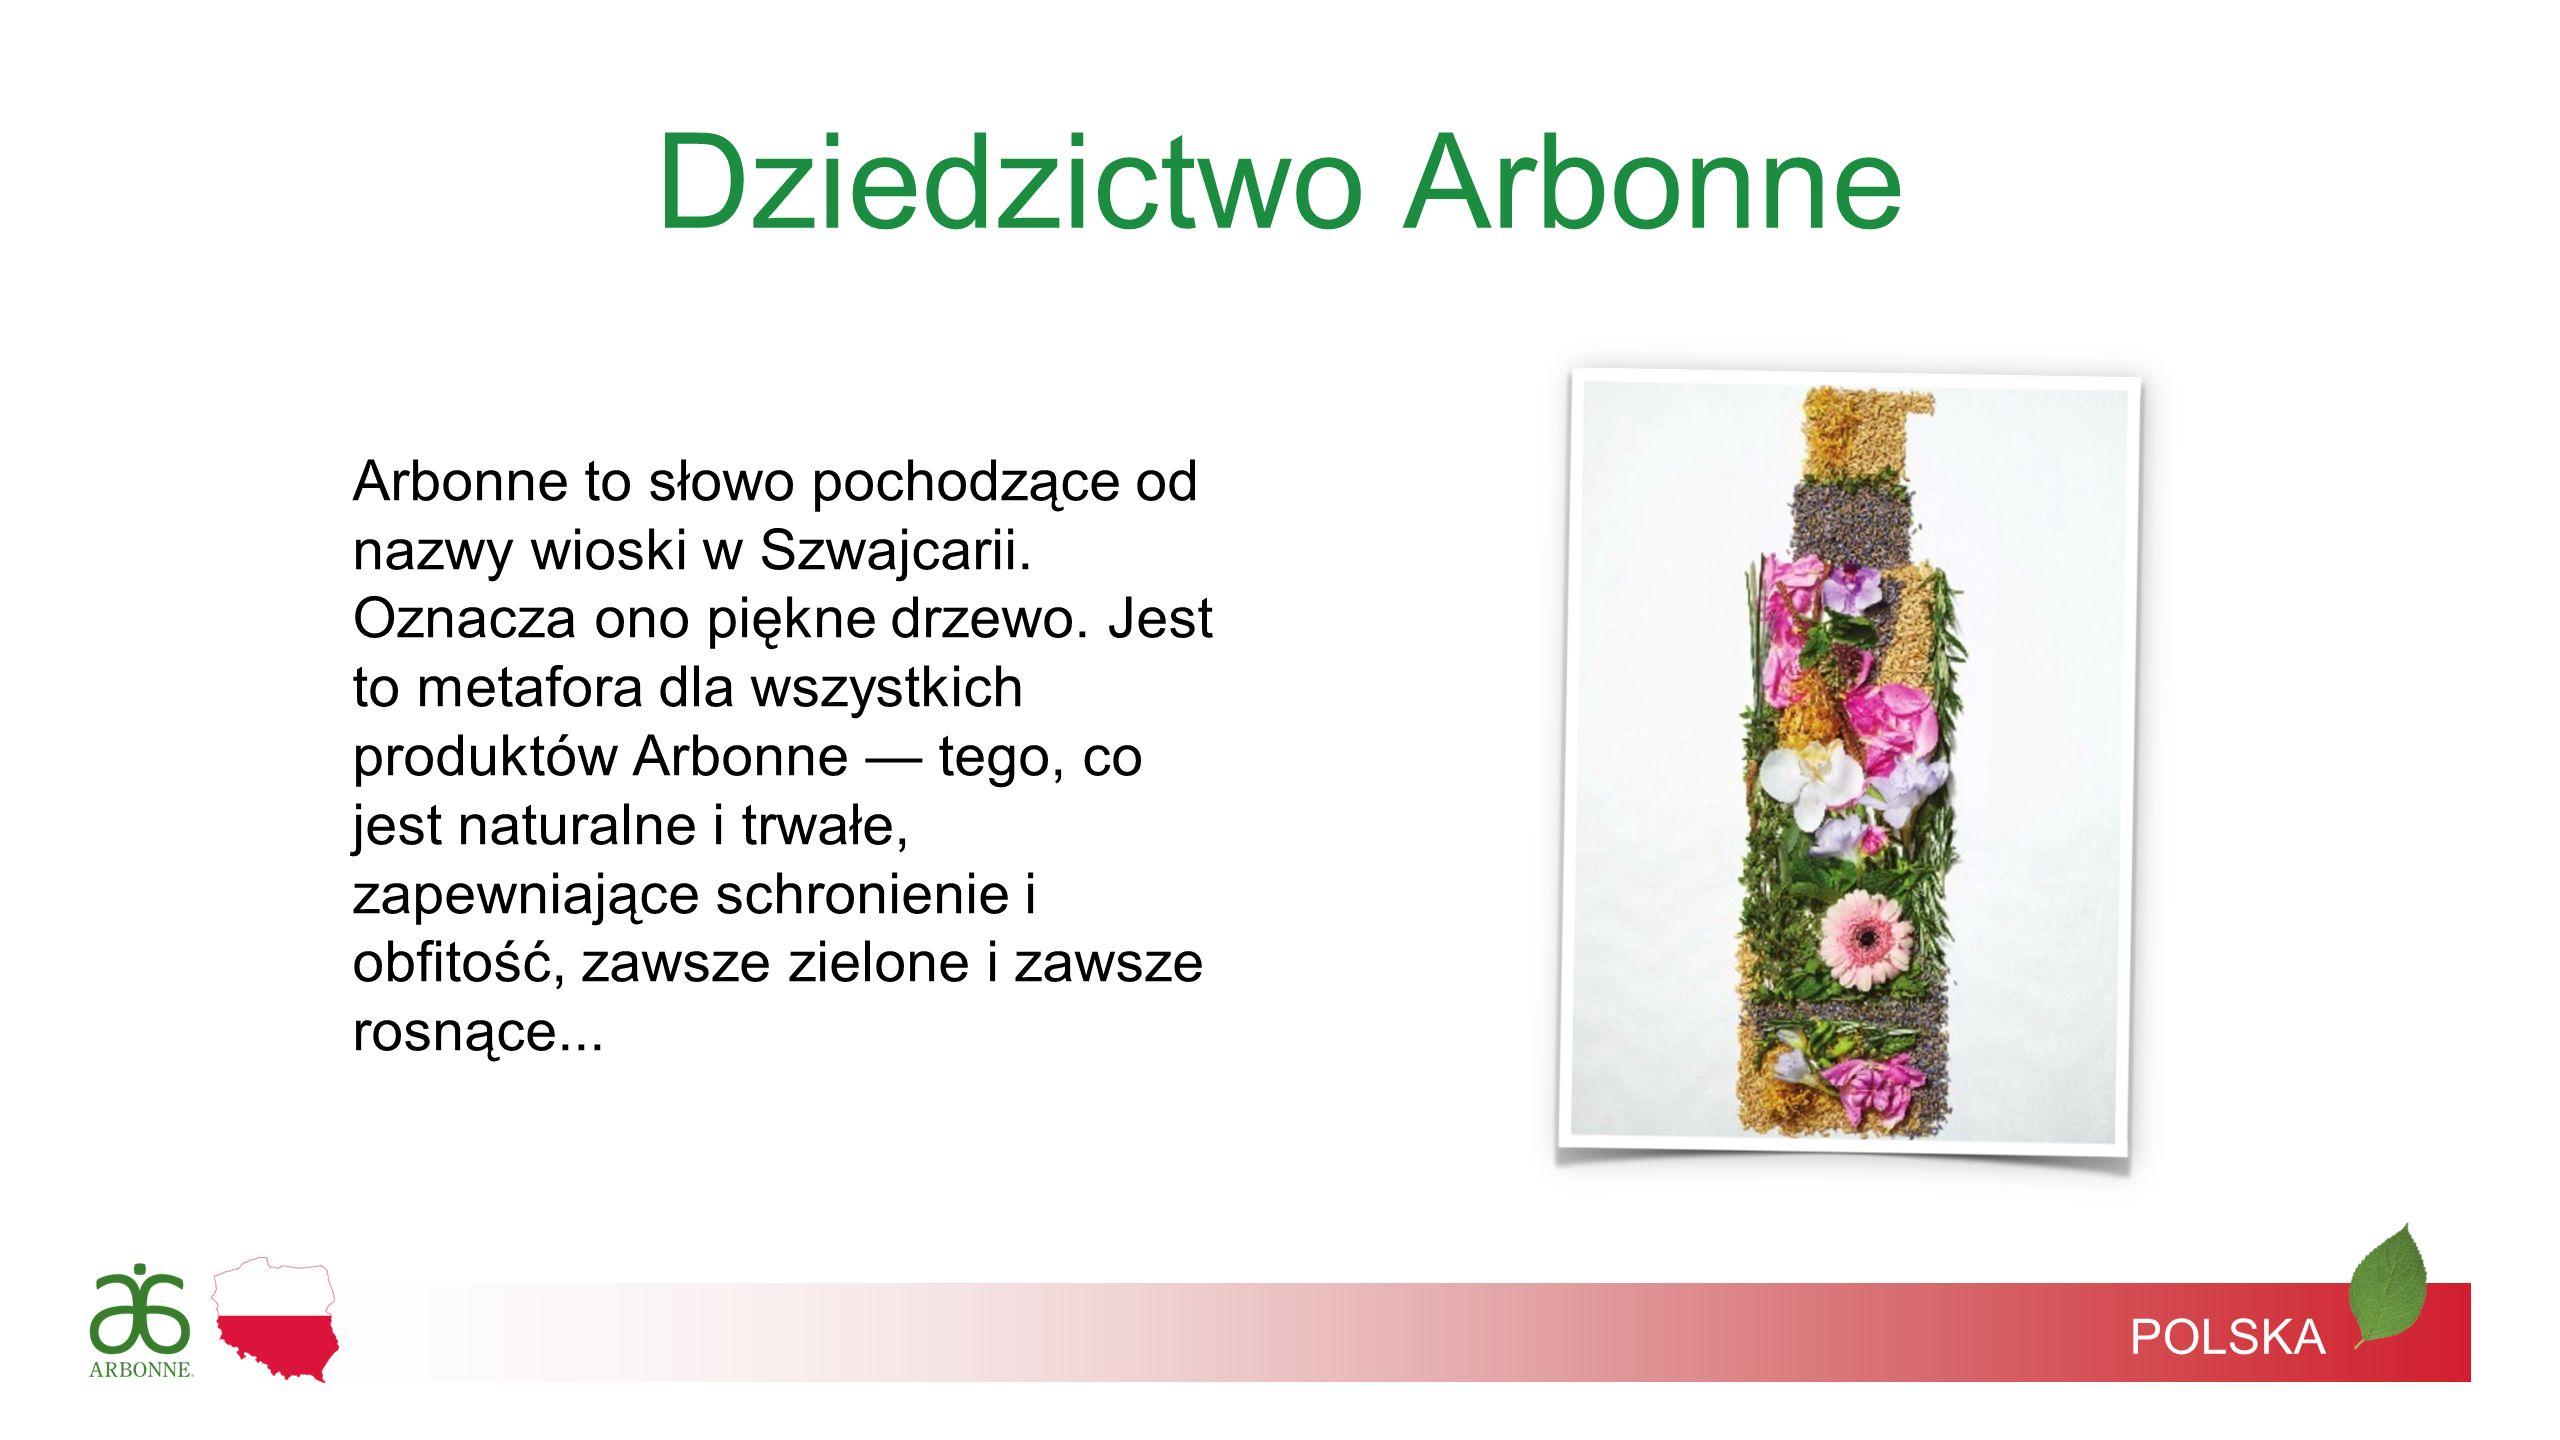 Dziedzictwo Arbonne